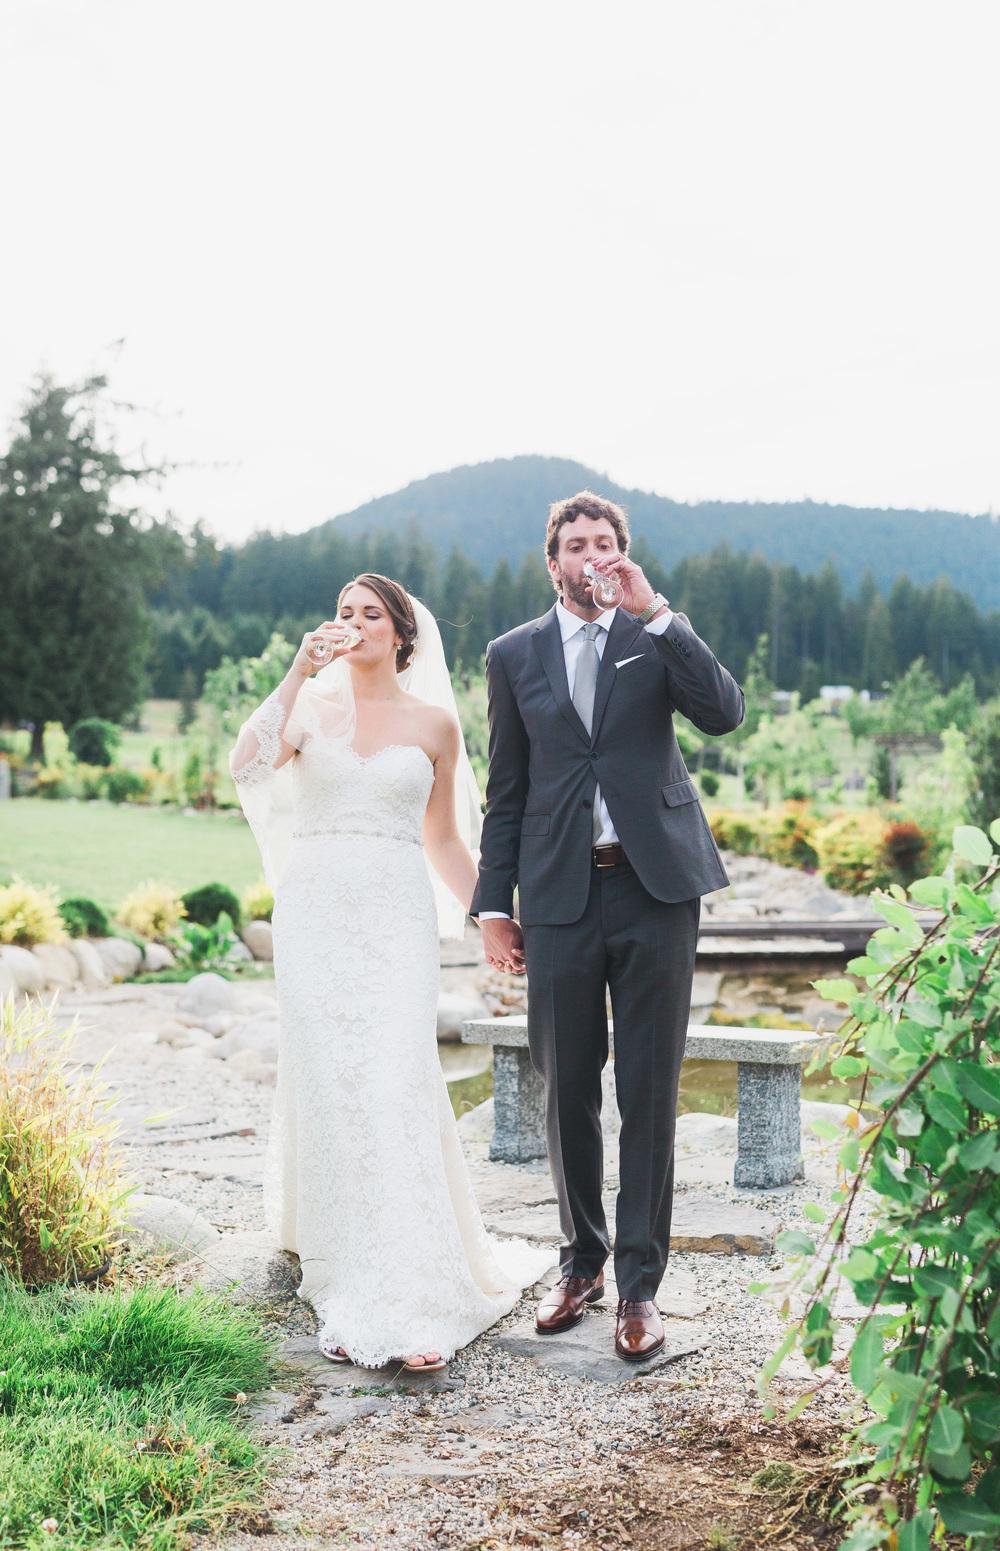 SunshineCoast-BC-Wedding-Photographer283.jpg